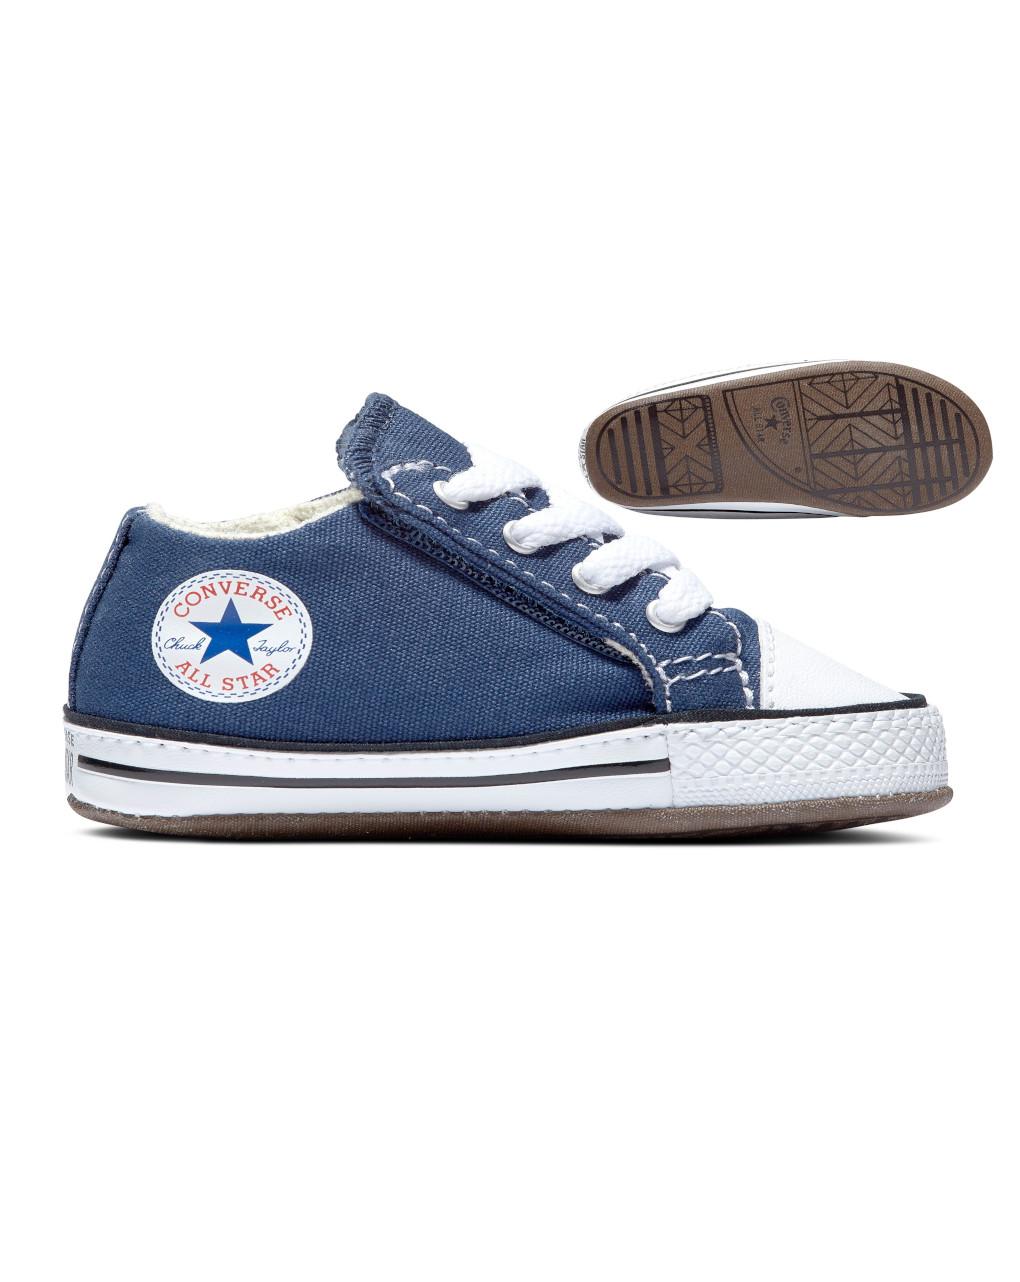 Αθλητικά Παπούτσια Chuck Taylor All Star 865158C για Αγόρι